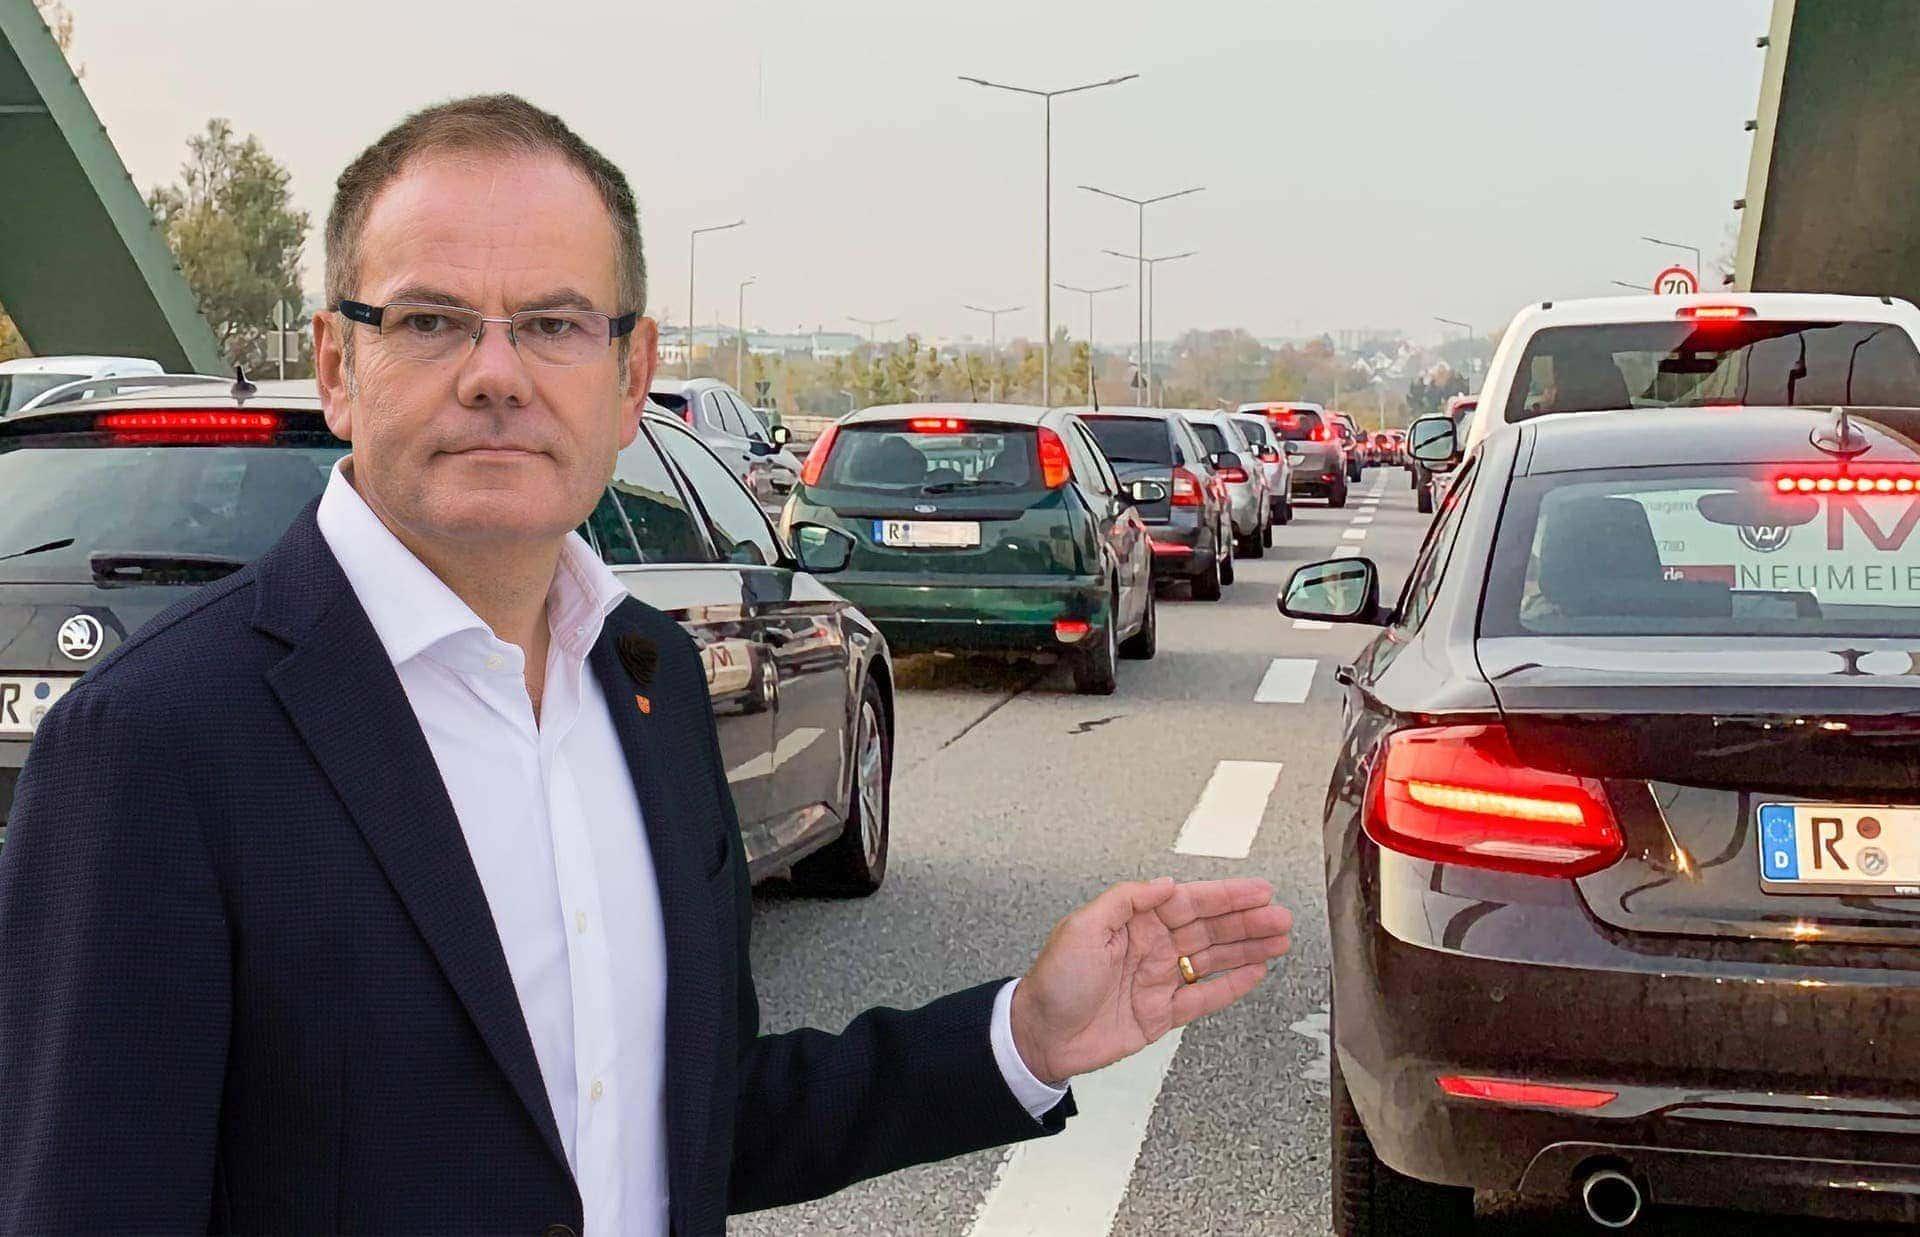 In und um Regensburg lahmt der Verkehr OB-Kandidat Christian Janele (CSB) fordert die Mobilitätswende - jetzt